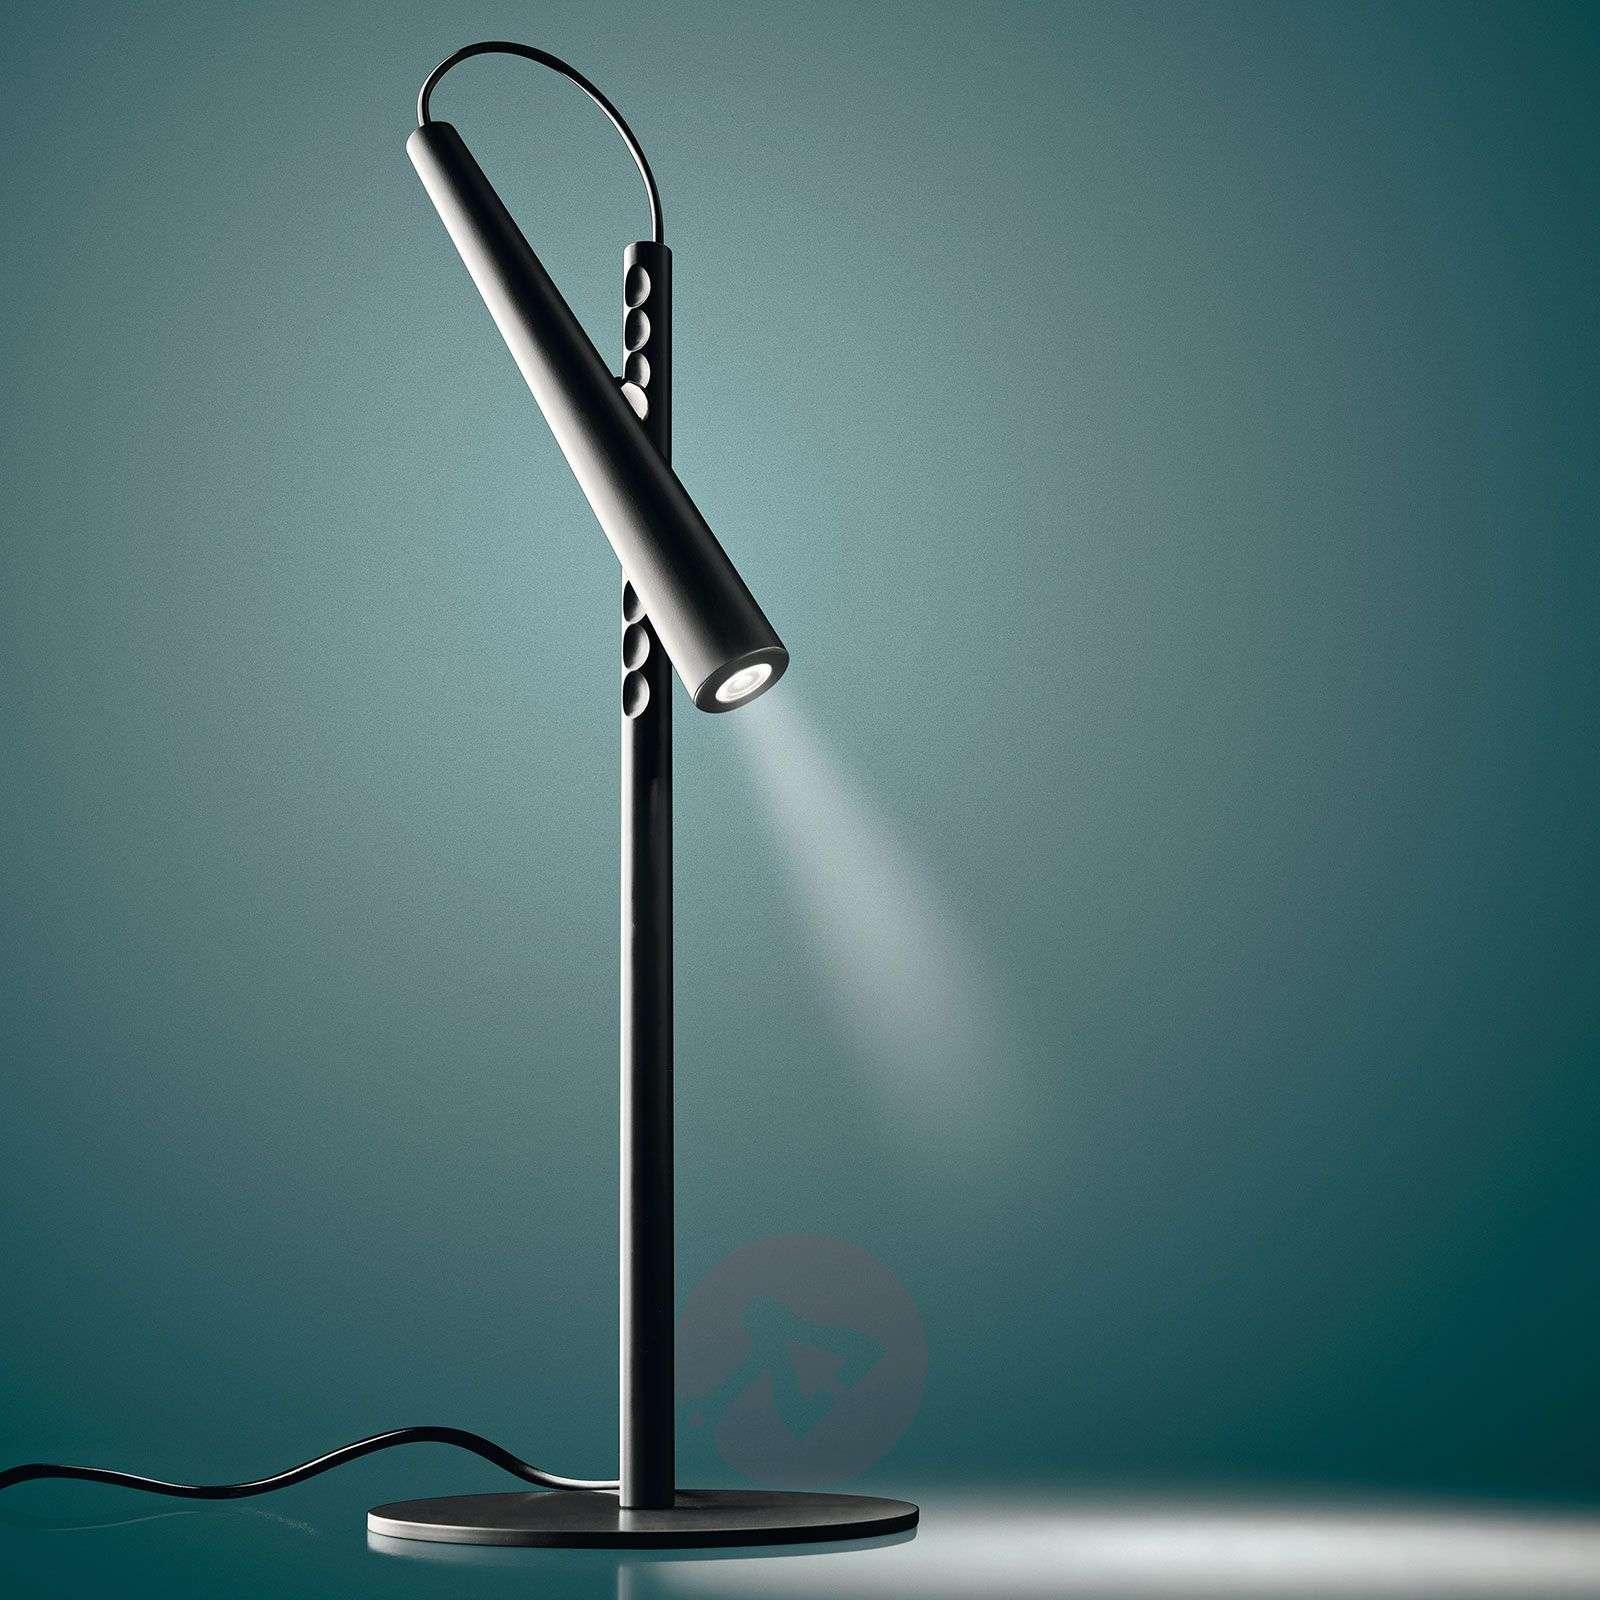 Foscarini Magneto LED-pöytävalaisin, magneetilla-3560034X-01